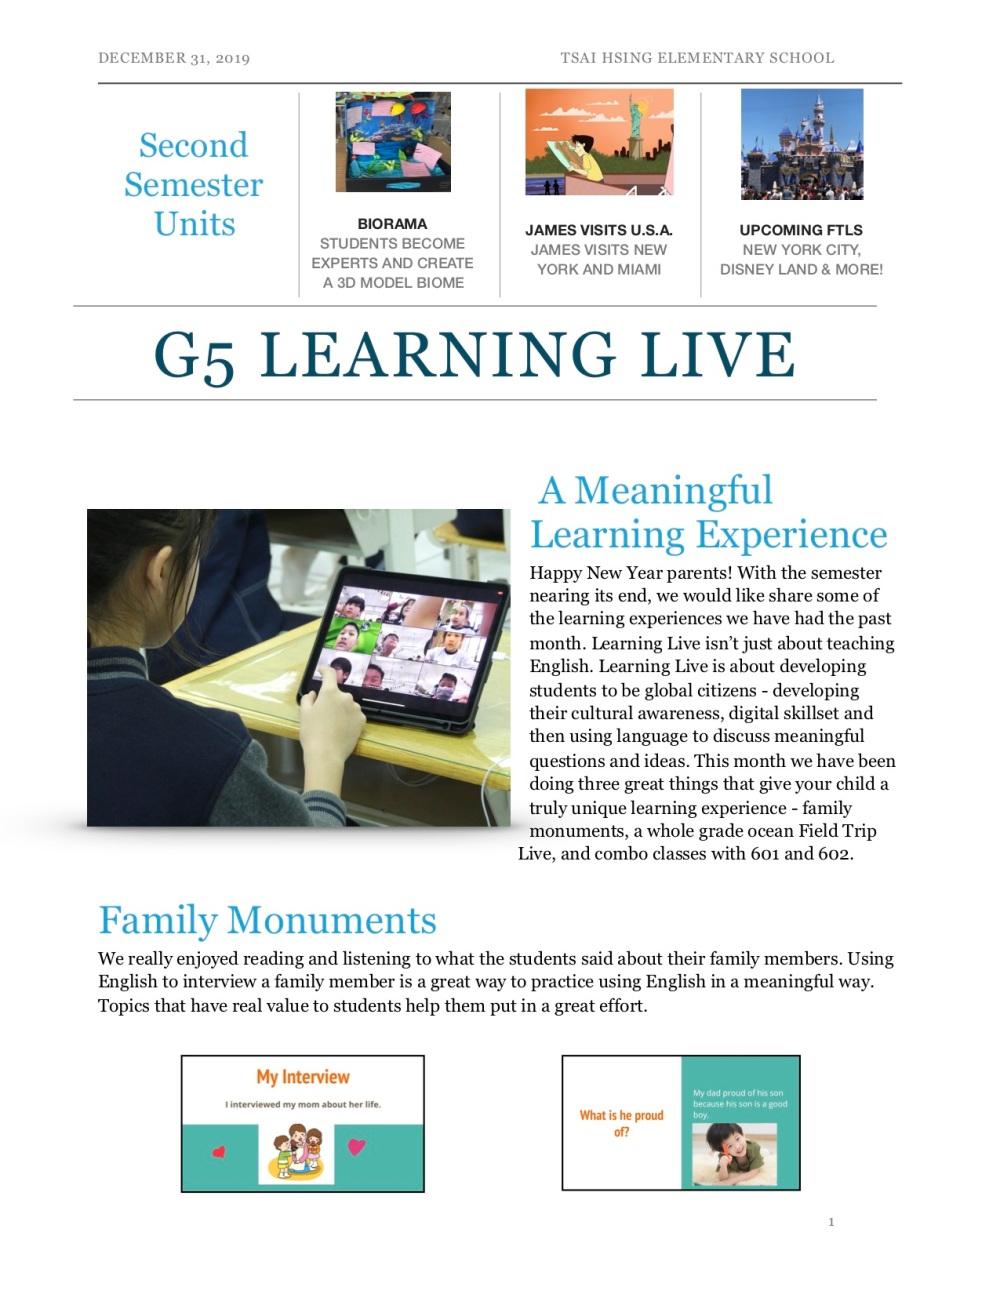 G5 December Newsletter PDF1.jpg